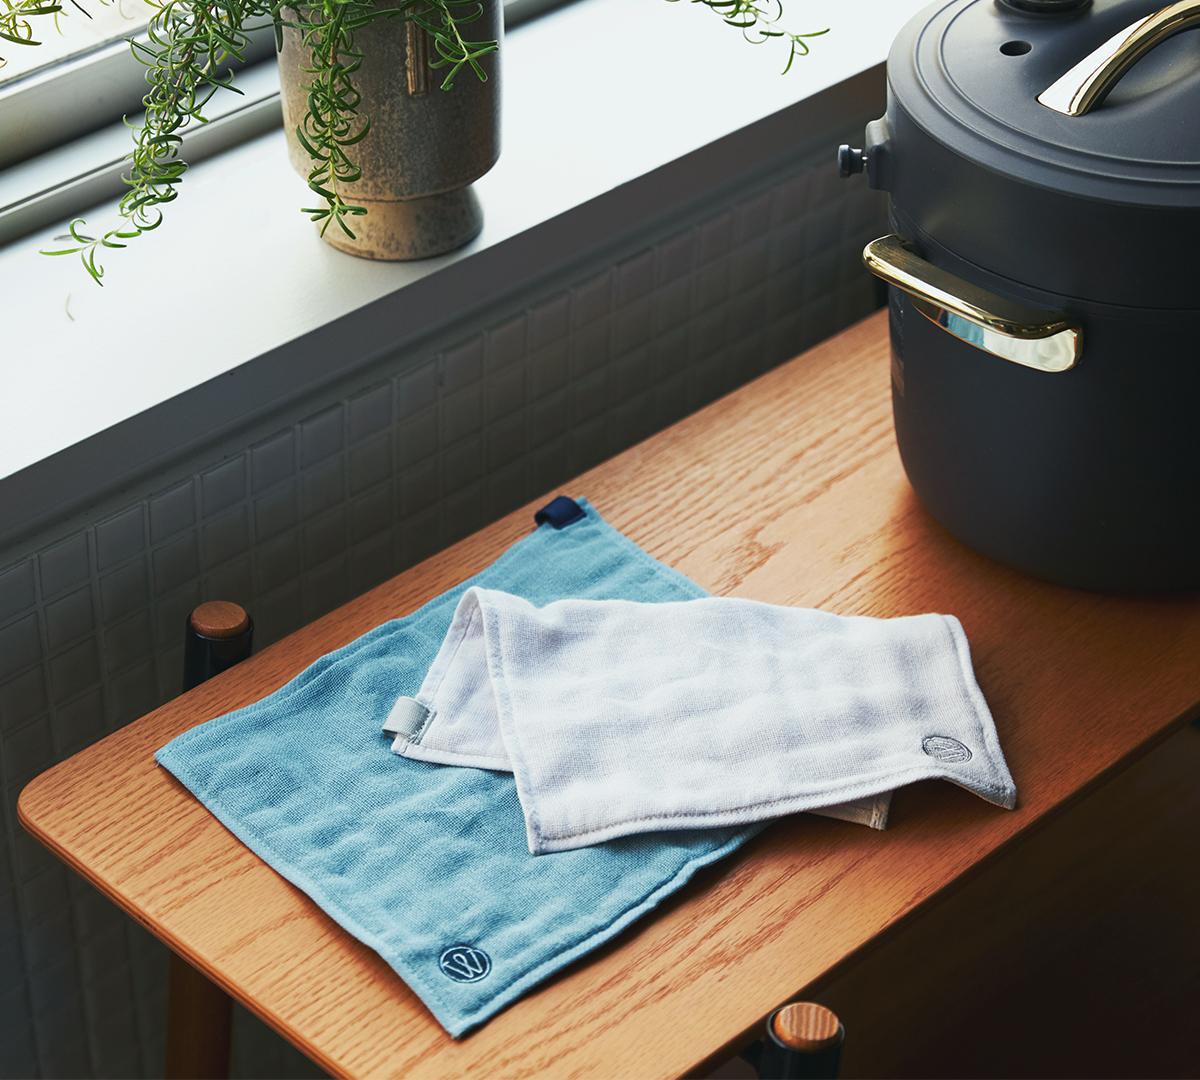 医師のアイデアと、タオルの老舗の技術から生まれたキッチンワイプ(台所ふきん)|酸化チタンと銀の作用で、生乾き臭・汗臭の菌を除去する「タオル」|WARP